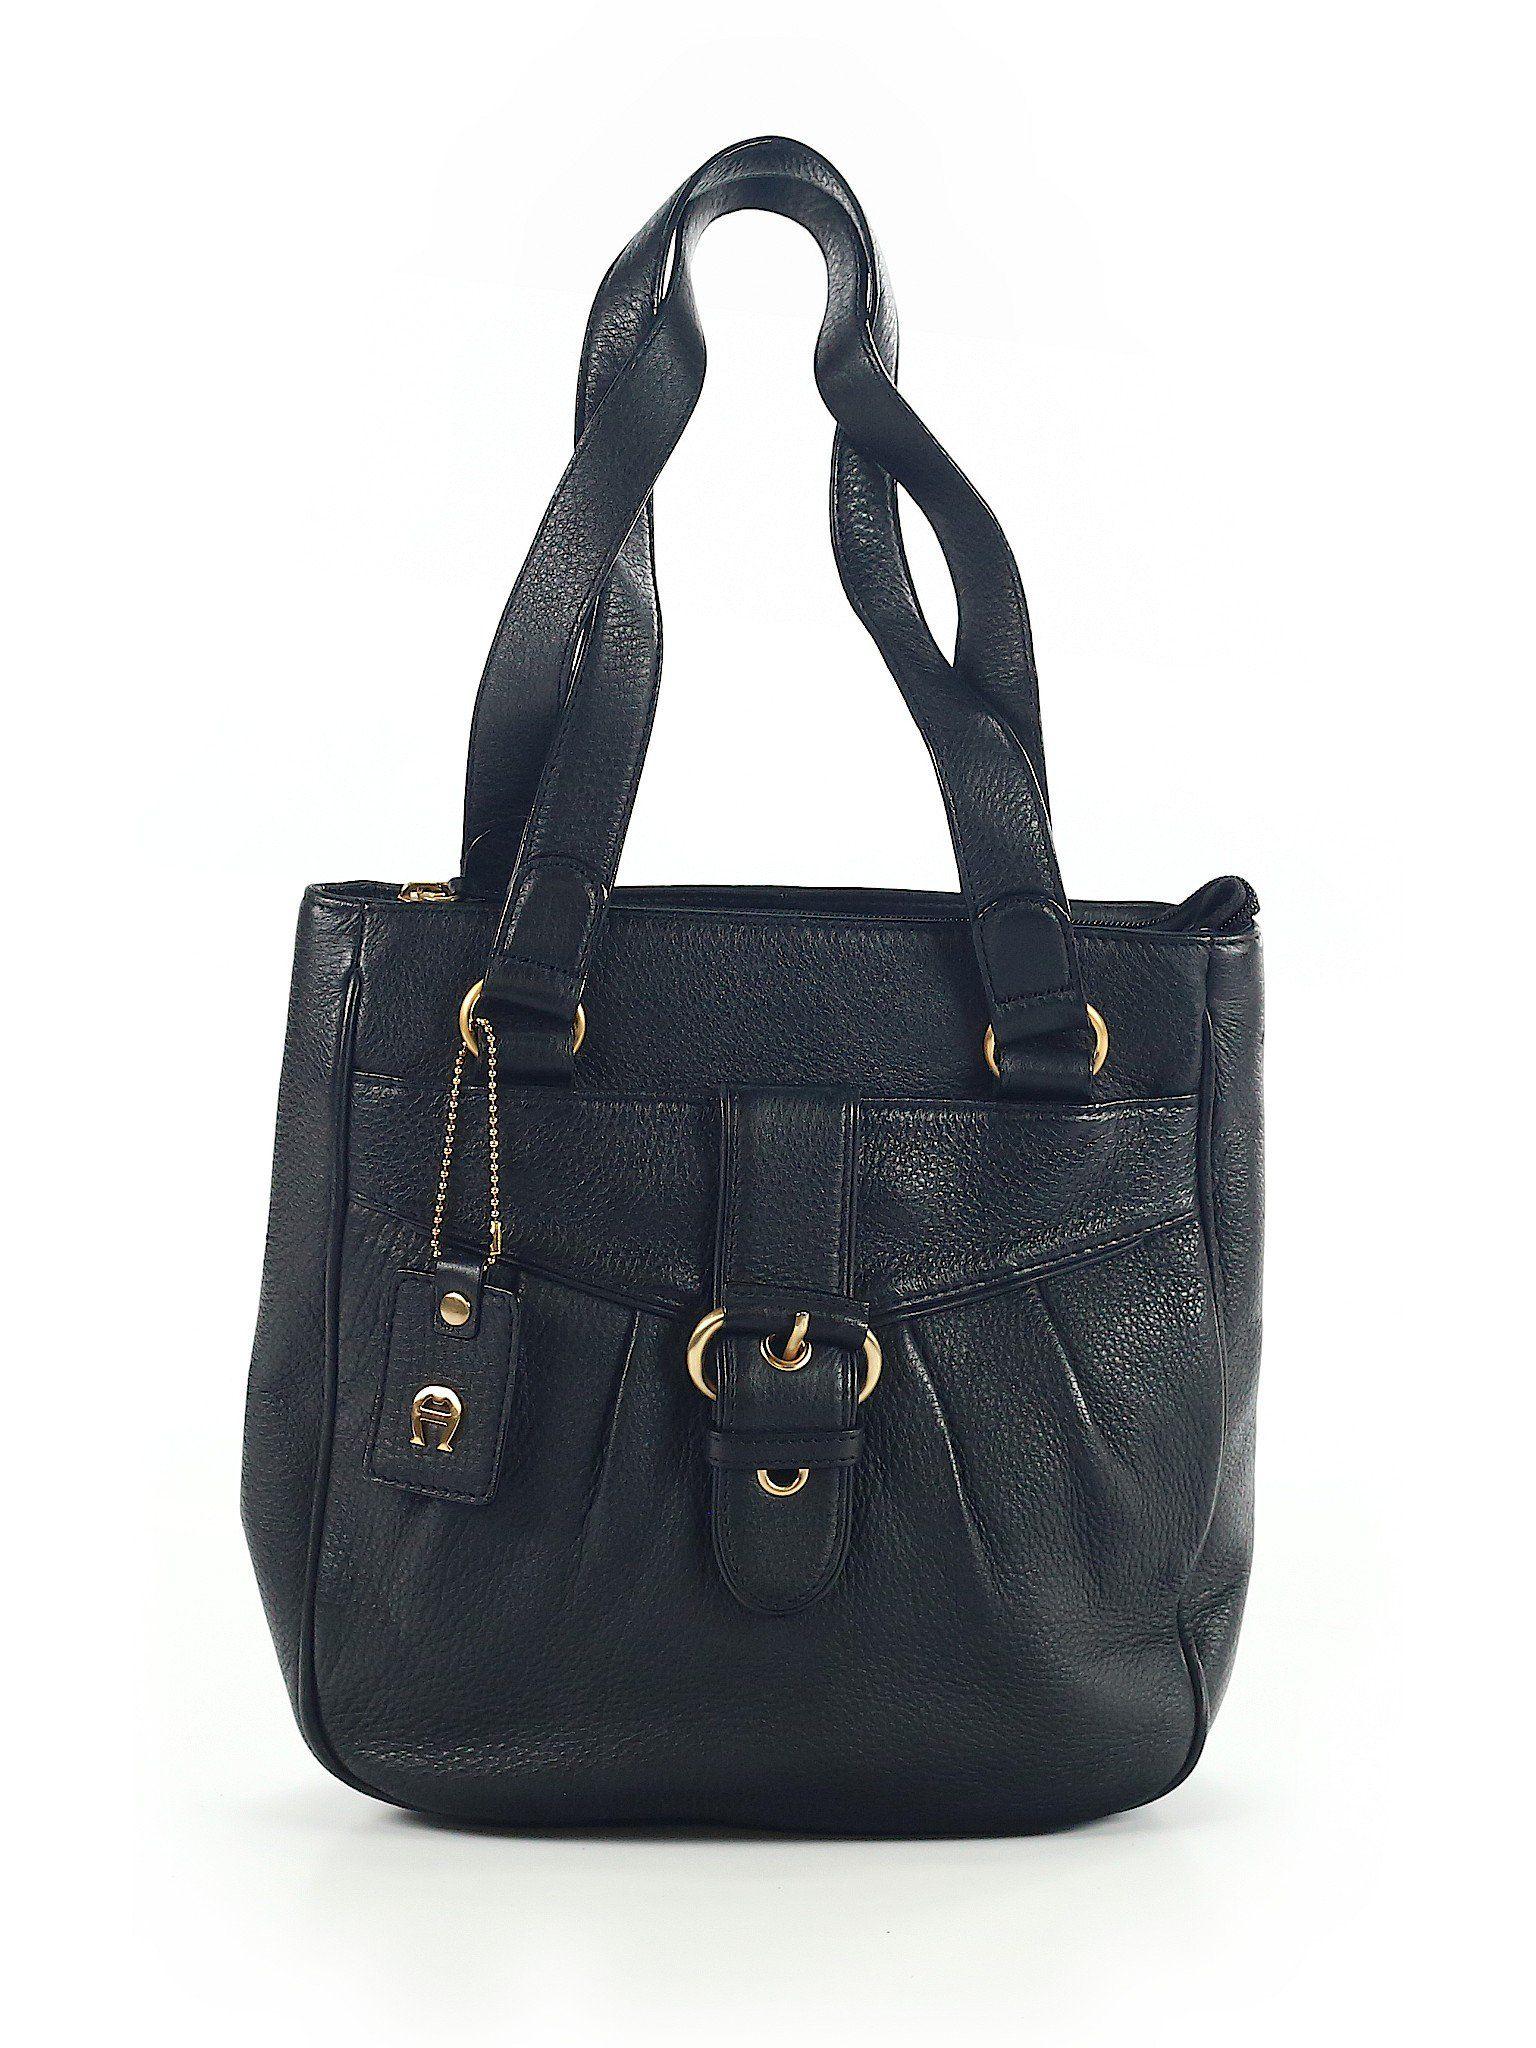 e0a8c6ebbebc Etienne Aigner Leather Shoulder Bag  Size NA Black Women s Bags -  98.99